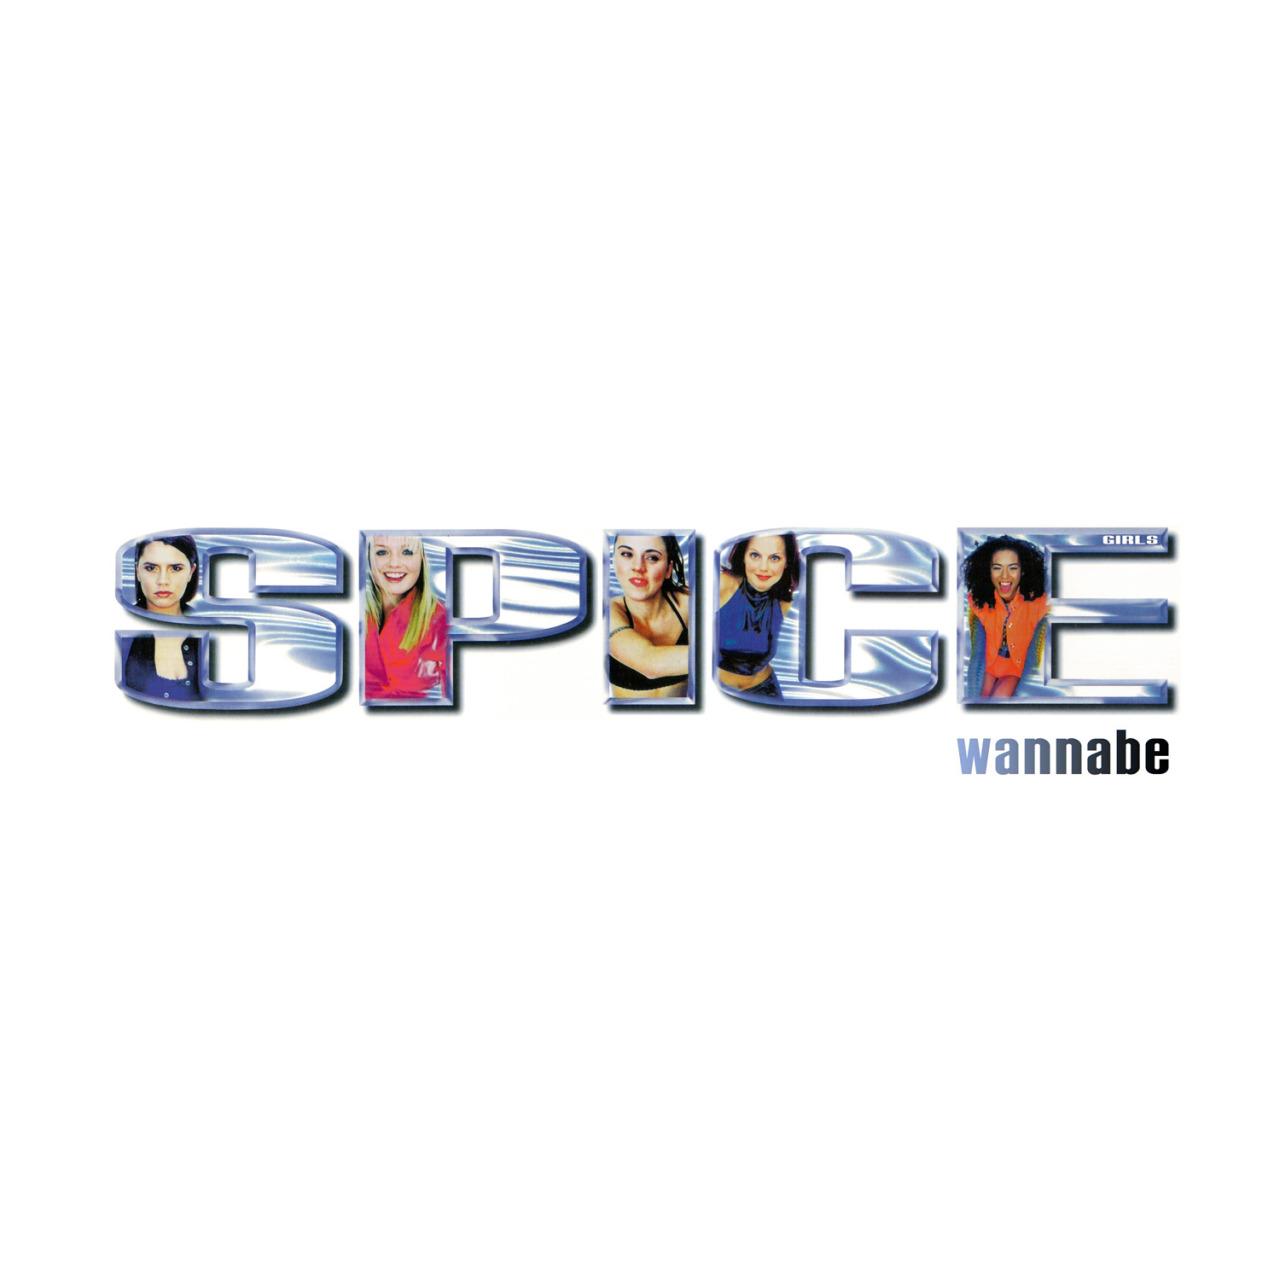 Spice Girls | Wannabe